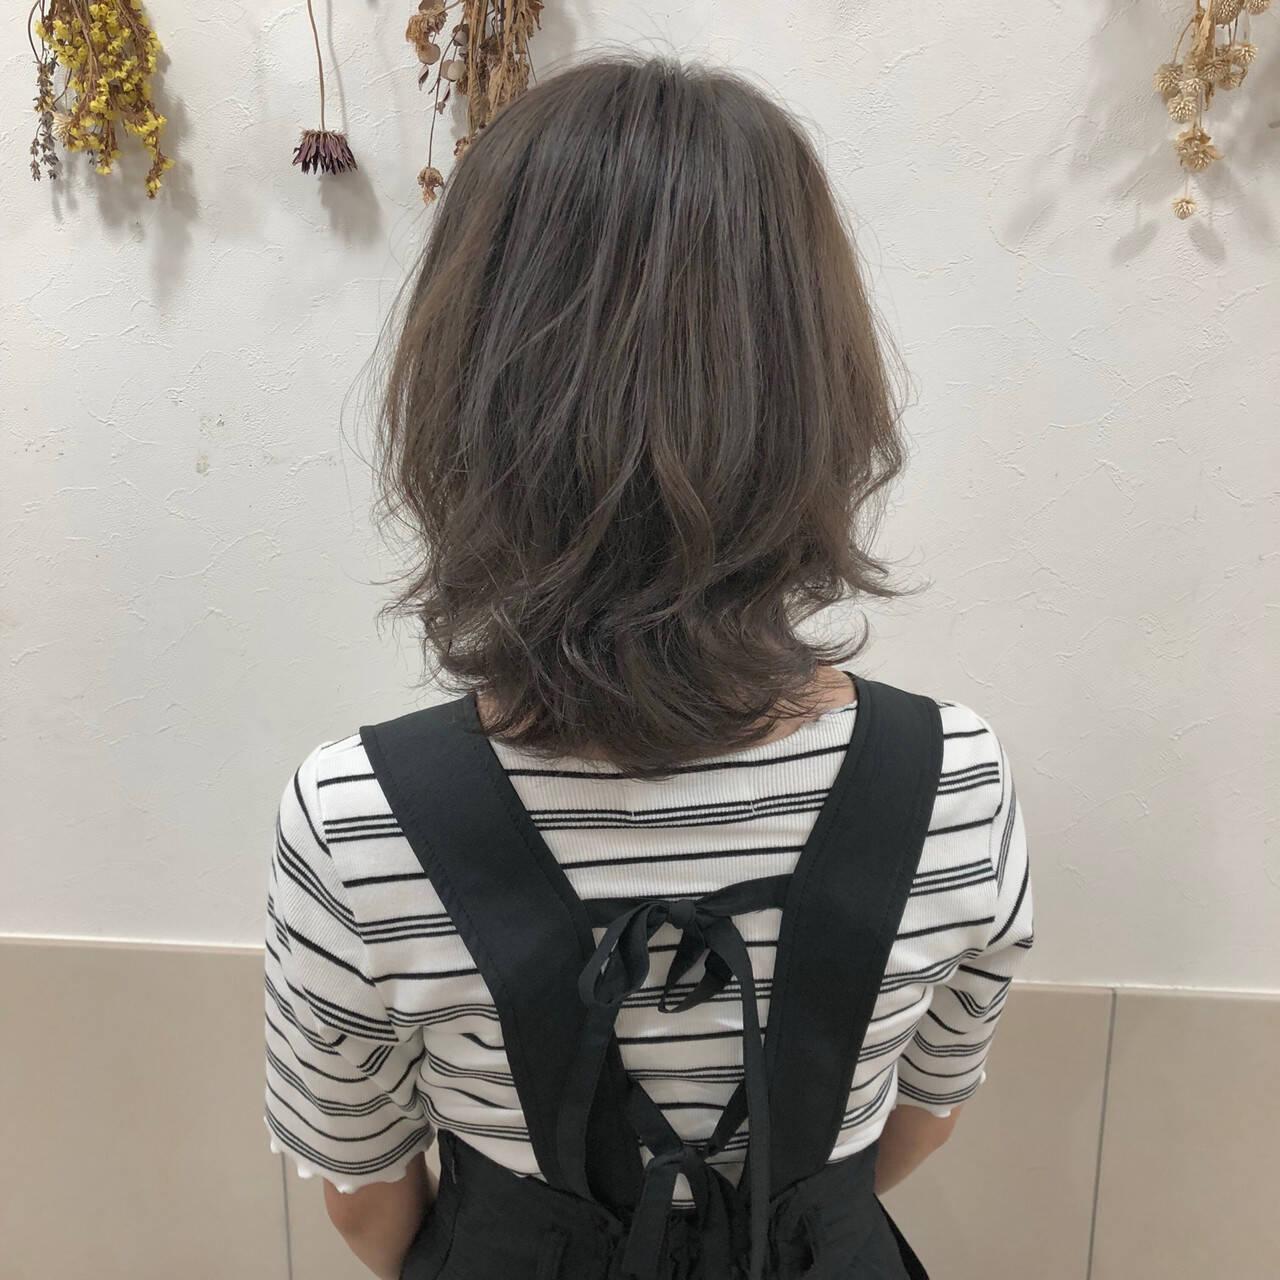 透明感 ショート ボブ グレージュヘアスタイルや髪型の写真・画像